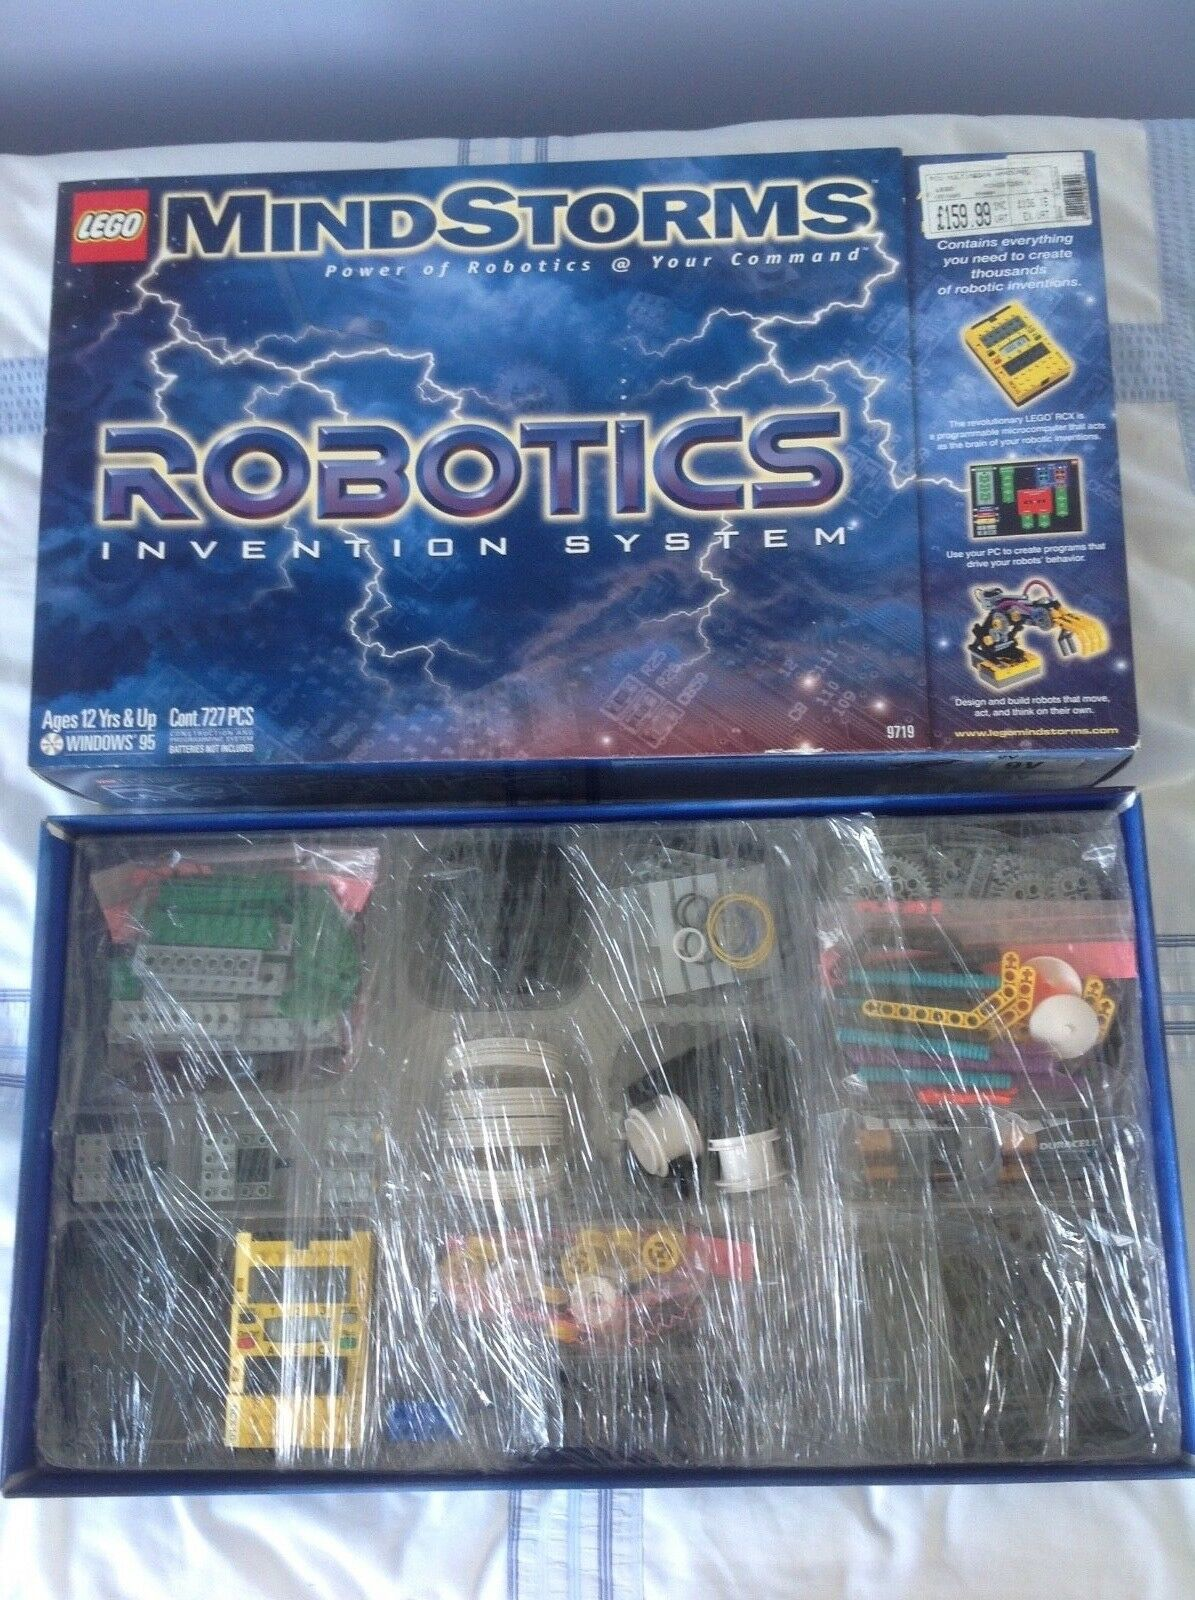 À la fin de l'année, j'ai acheté un grand groupe dix et rencontré environ dix groupe mille ménages. LEGO Mindstorms Robotics invention System 9719 Age 12Yrs & up 602759